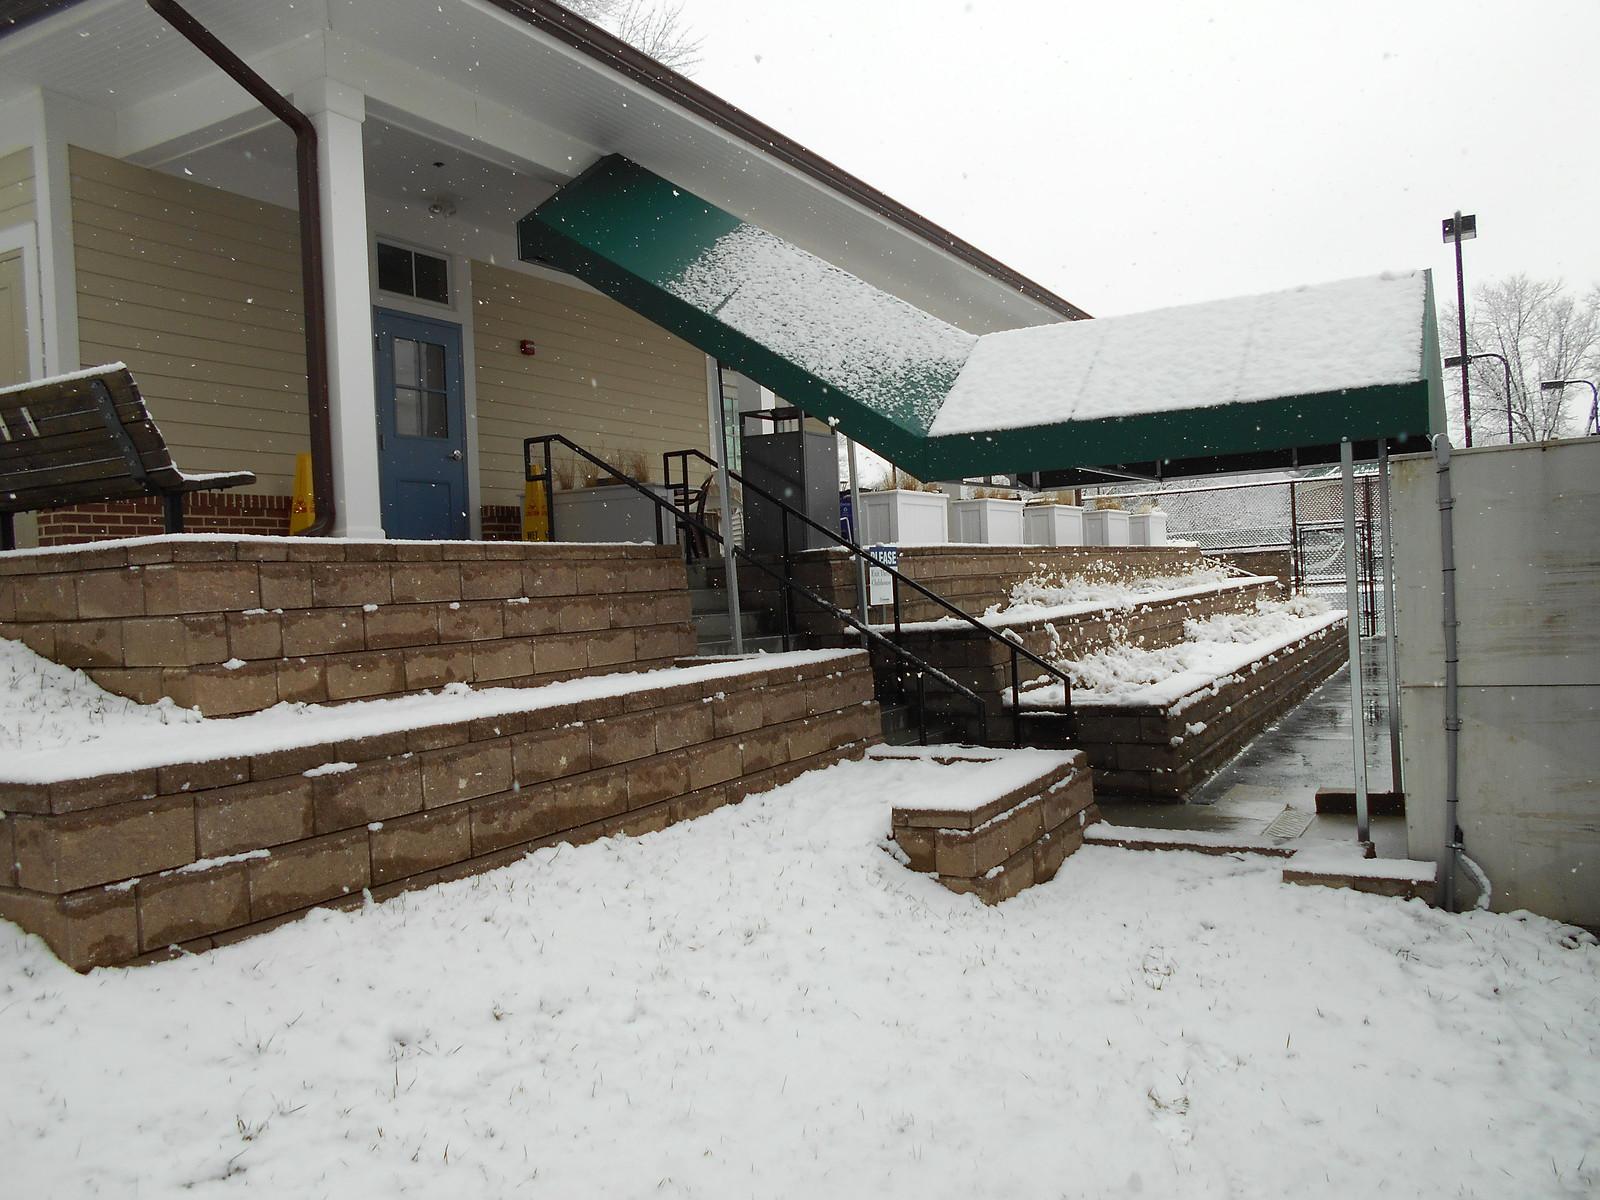 Stairway-Awning-Breezeway Awning -Hoffman Awning Photo